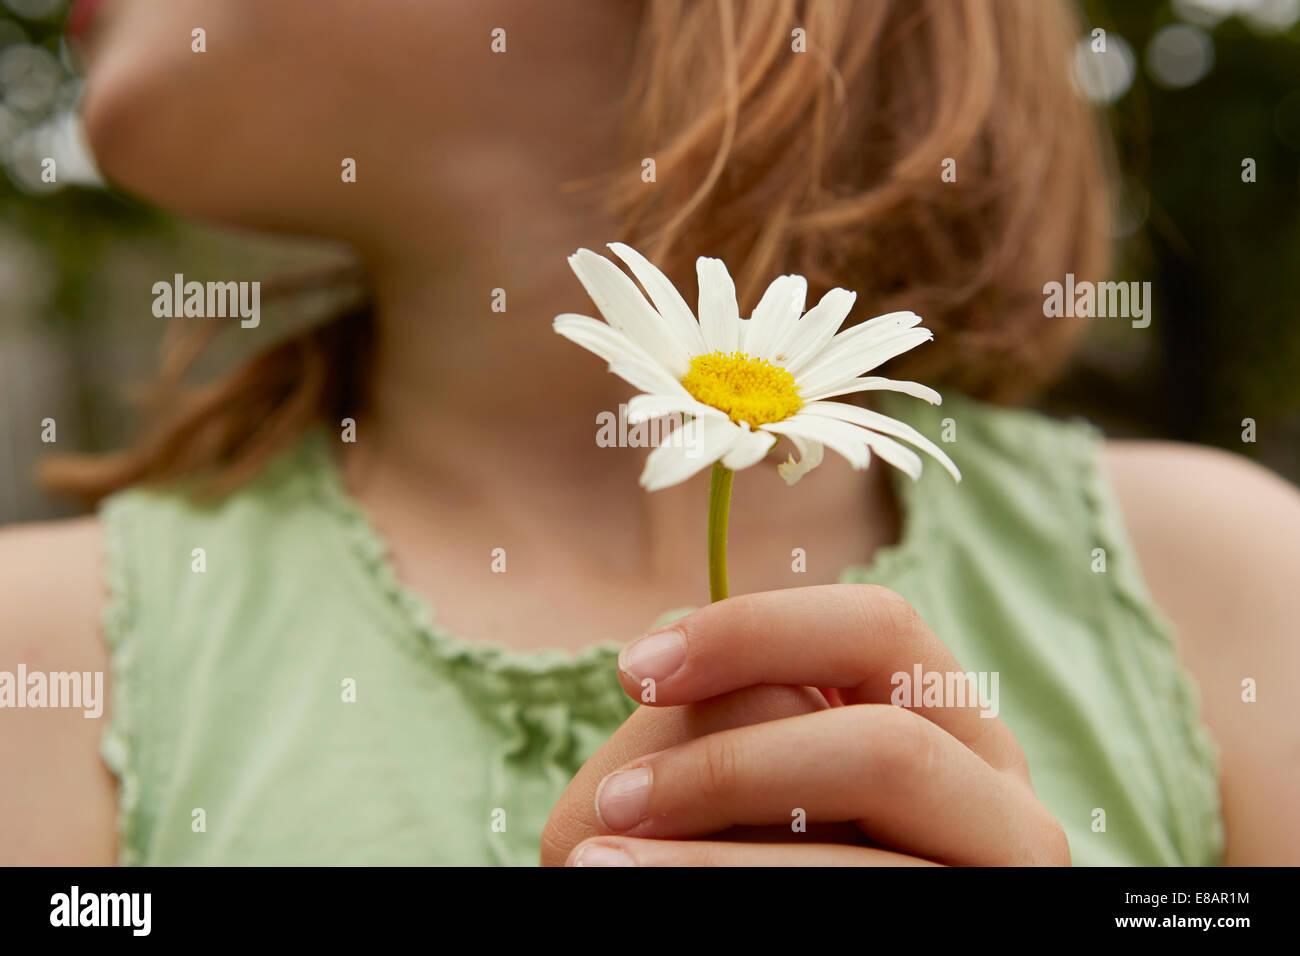 Portrait of Girl holding daisy flower Photo Stock